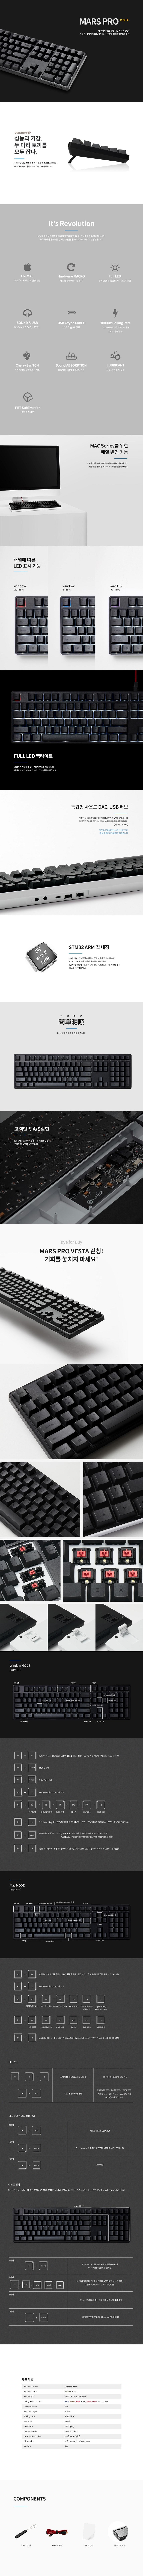 타이폰 Mars Pro VESTA 기계식 키보드 한글 (화이트, 은축)